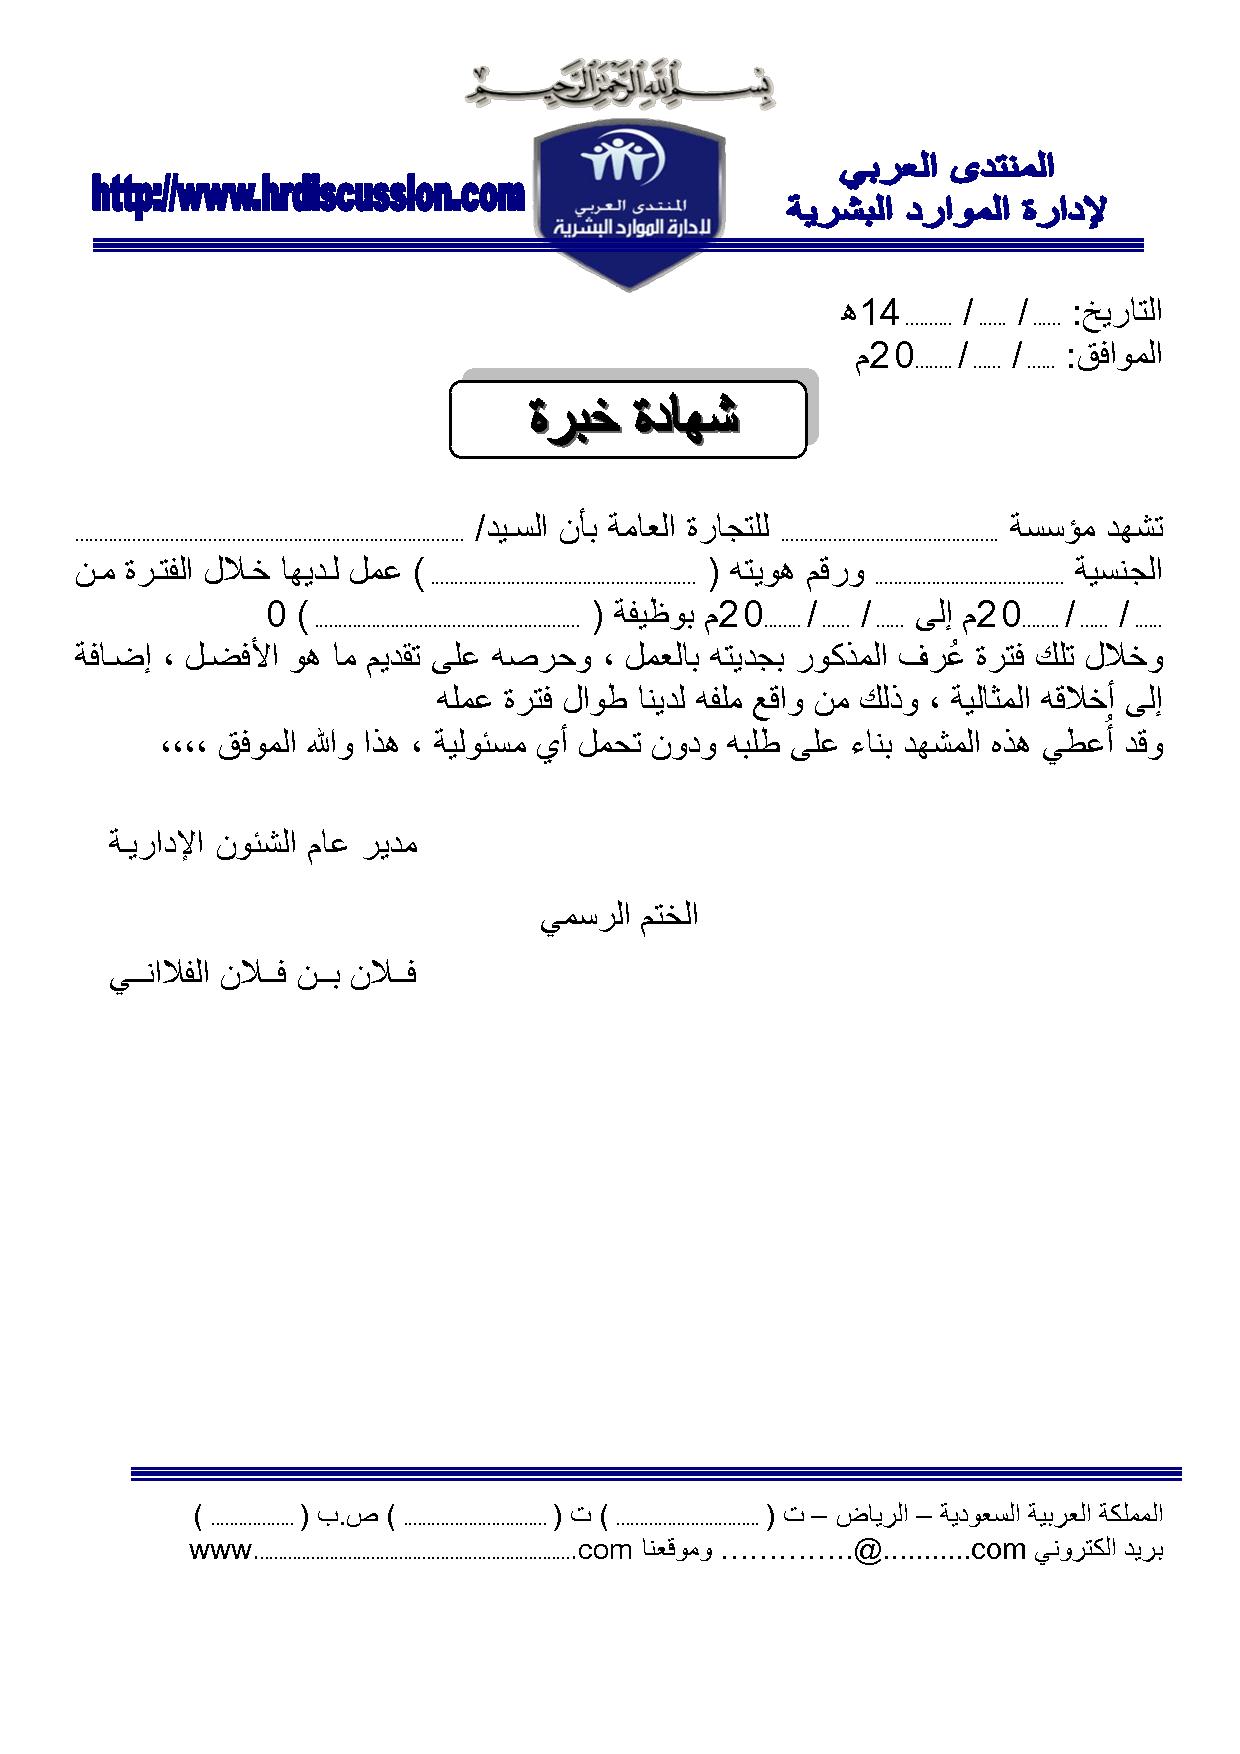 صور شهادة خبرة مدرسة فى مدرسة لغات